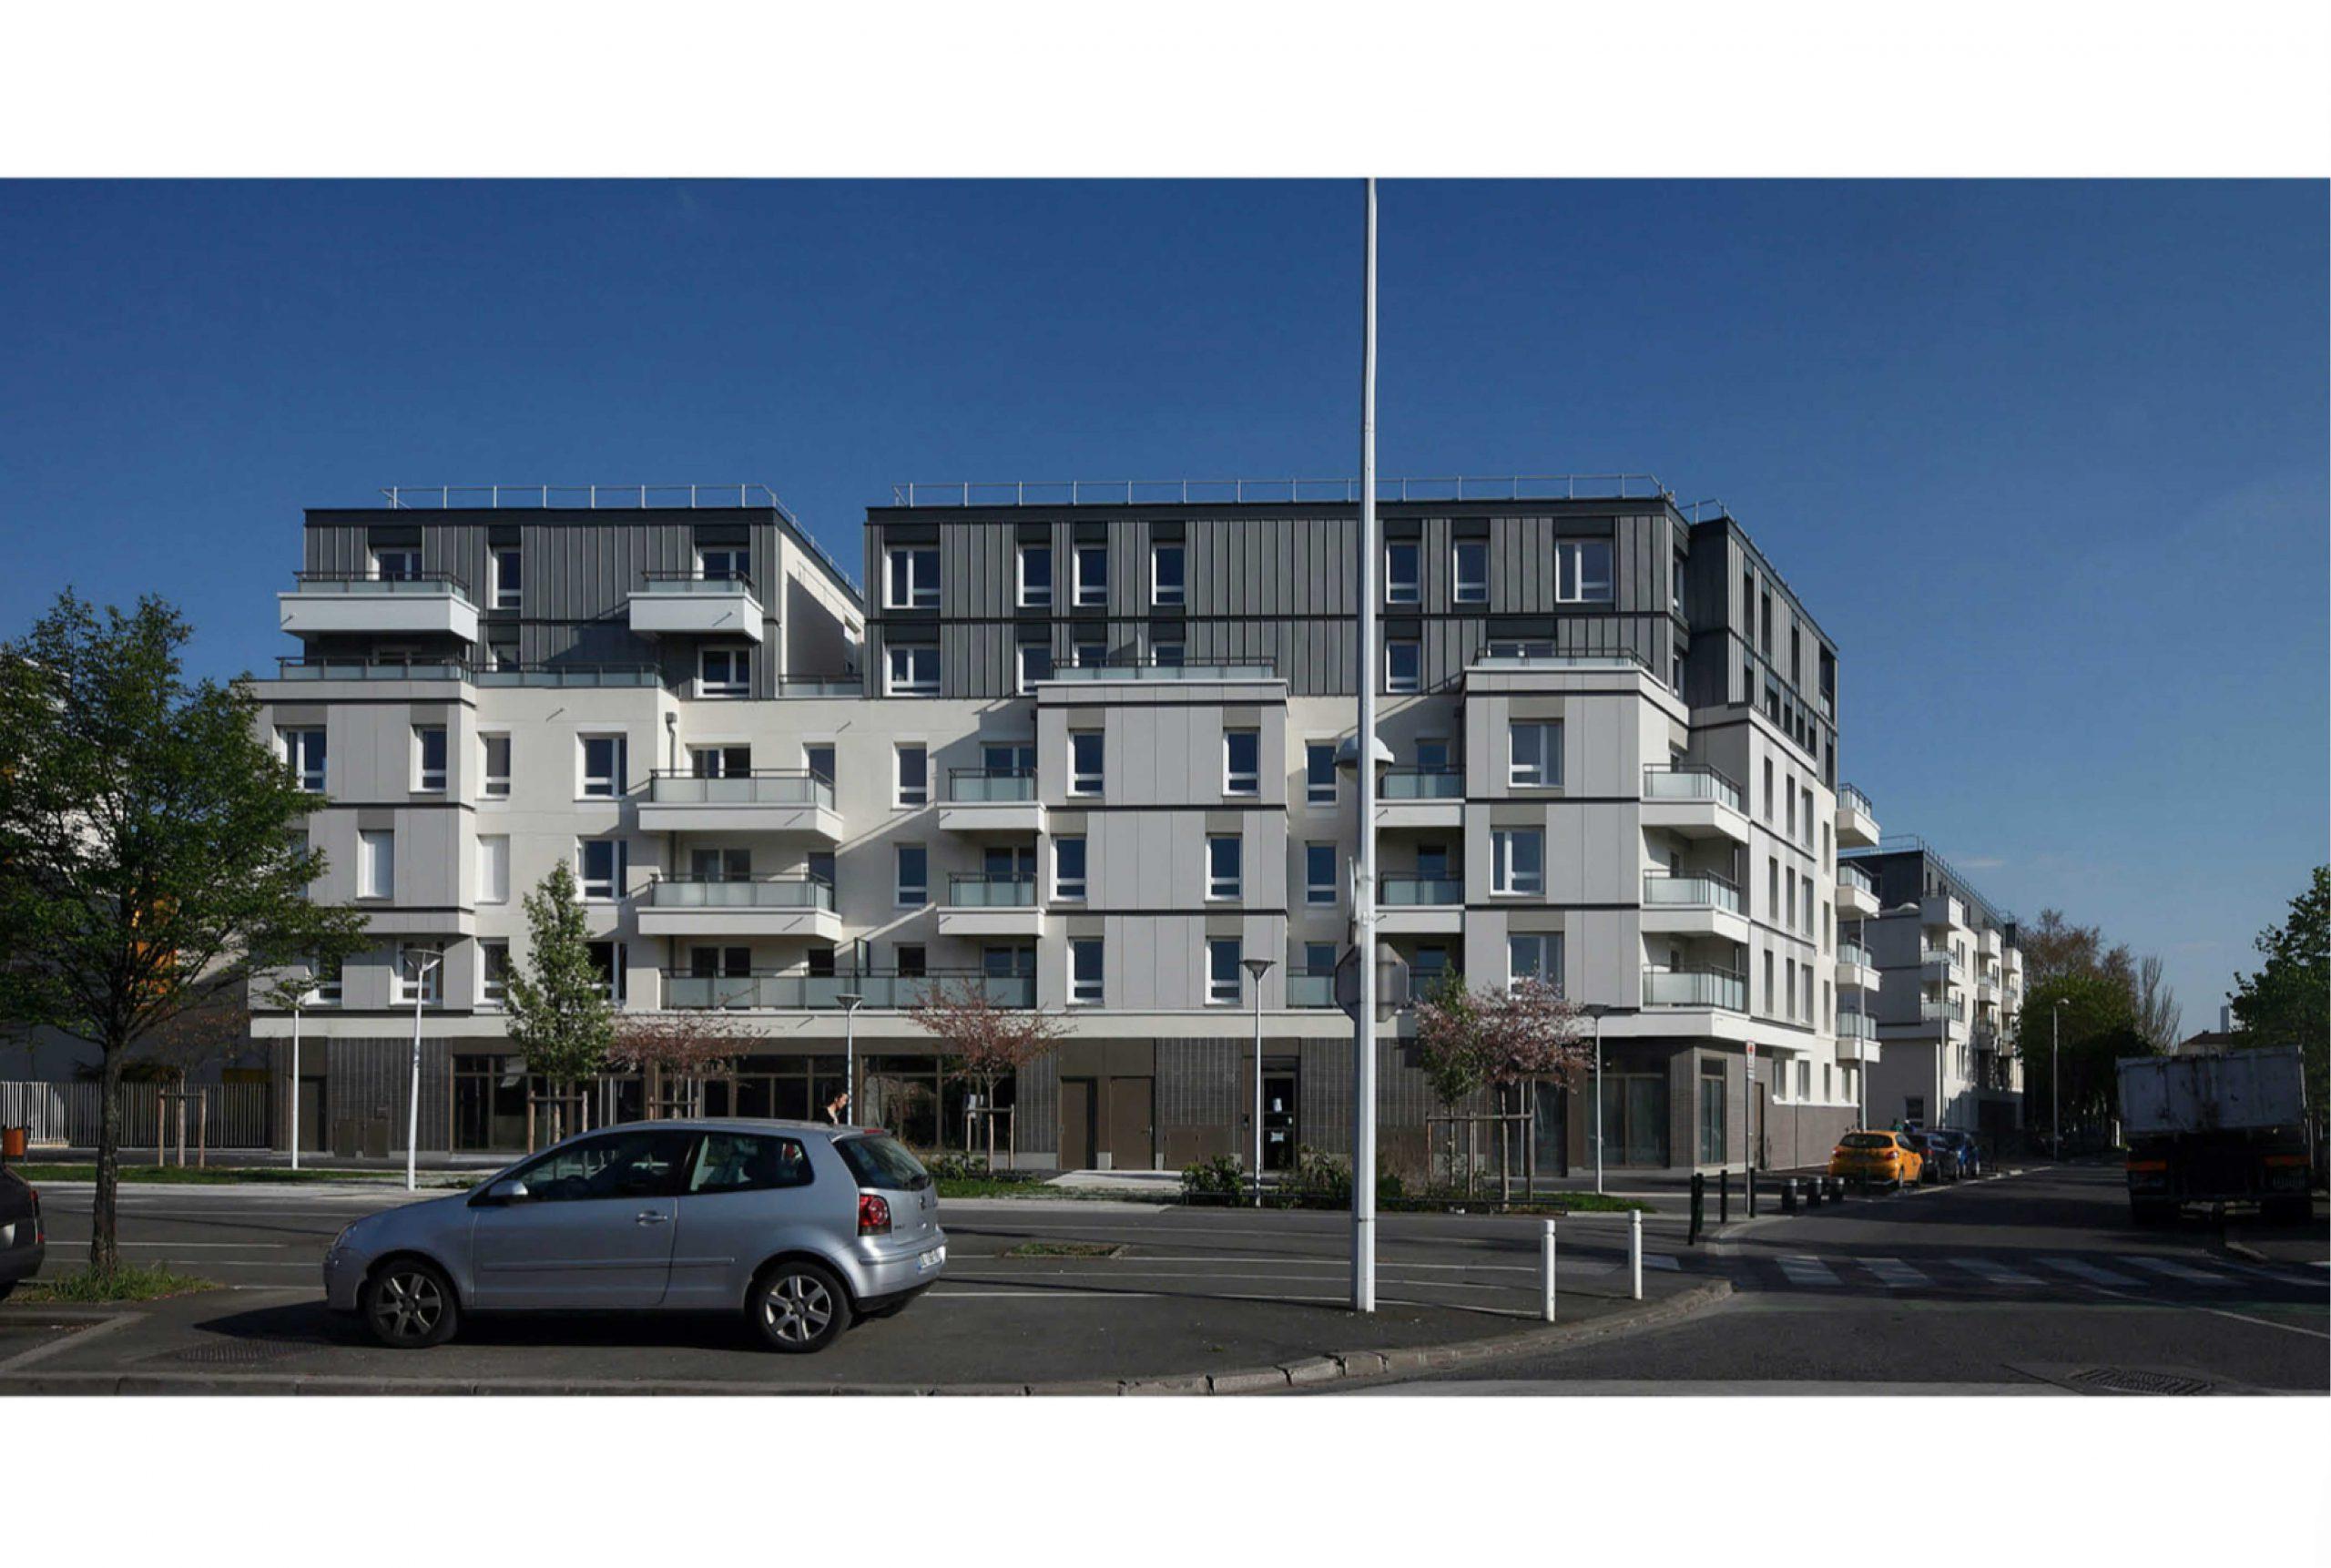 Projet logement Petit Nanterre 3 par Atelier JS Tabet